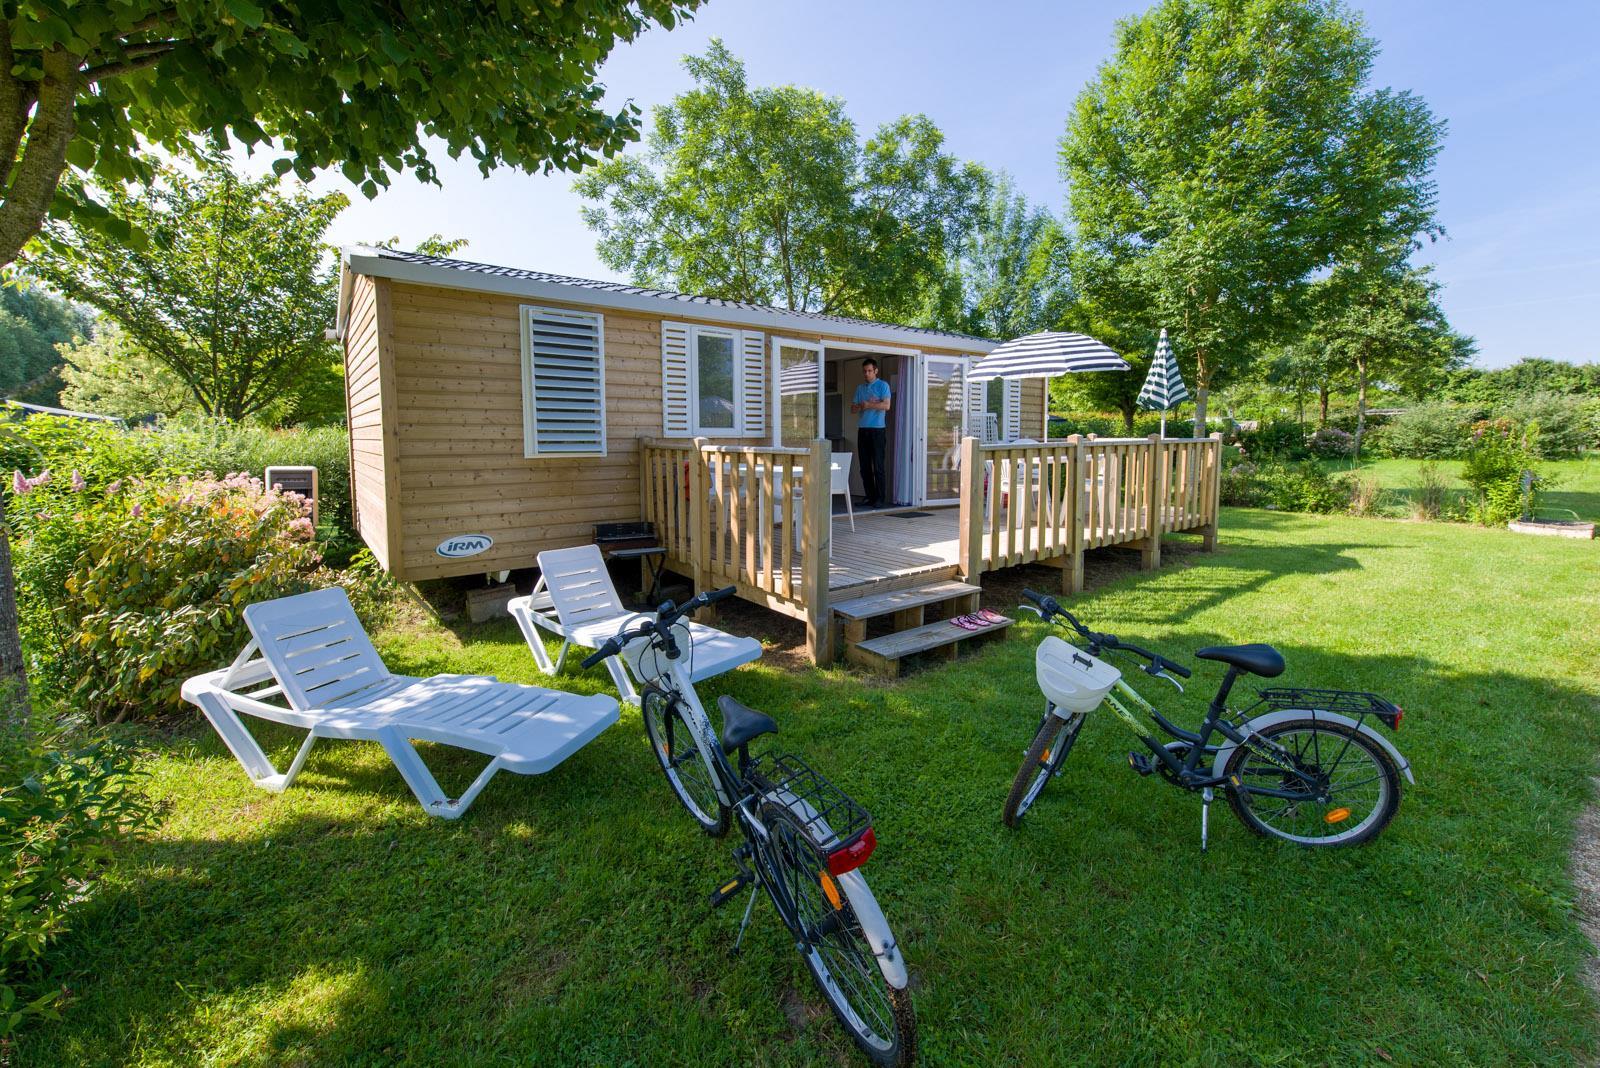 Location - Cottage Premium 33M² (3 Chambres) - Tv - Lave Vaisselle - Camping Sites et Paysages Domaine de L'Étang